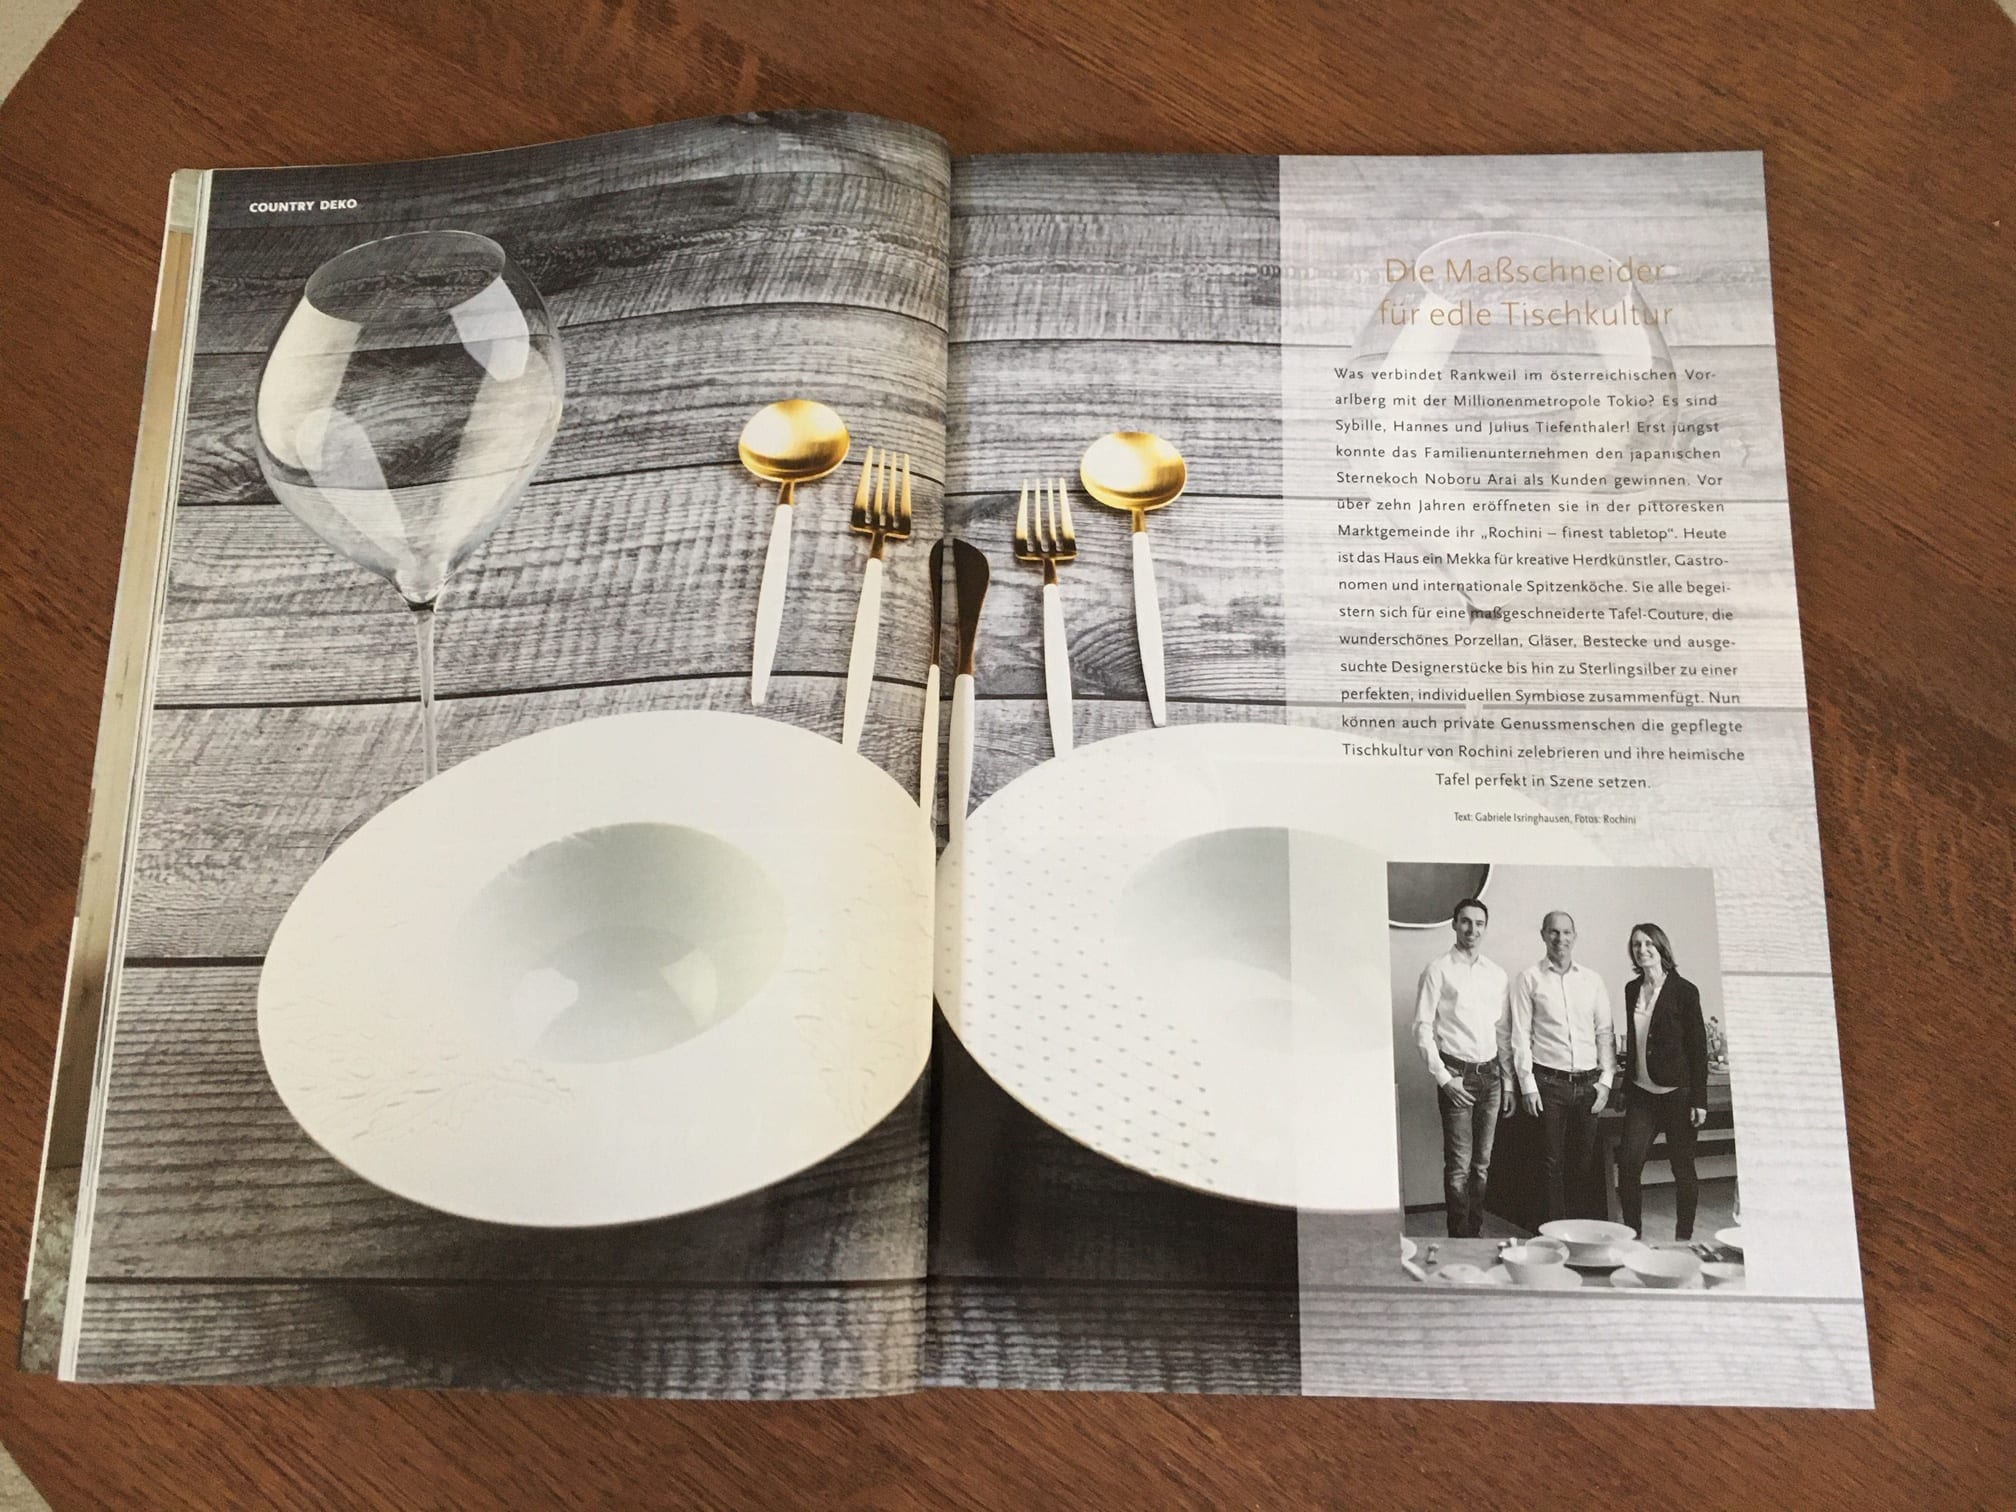 IMG 6354 Die Maßschneider für edle Tischkultur